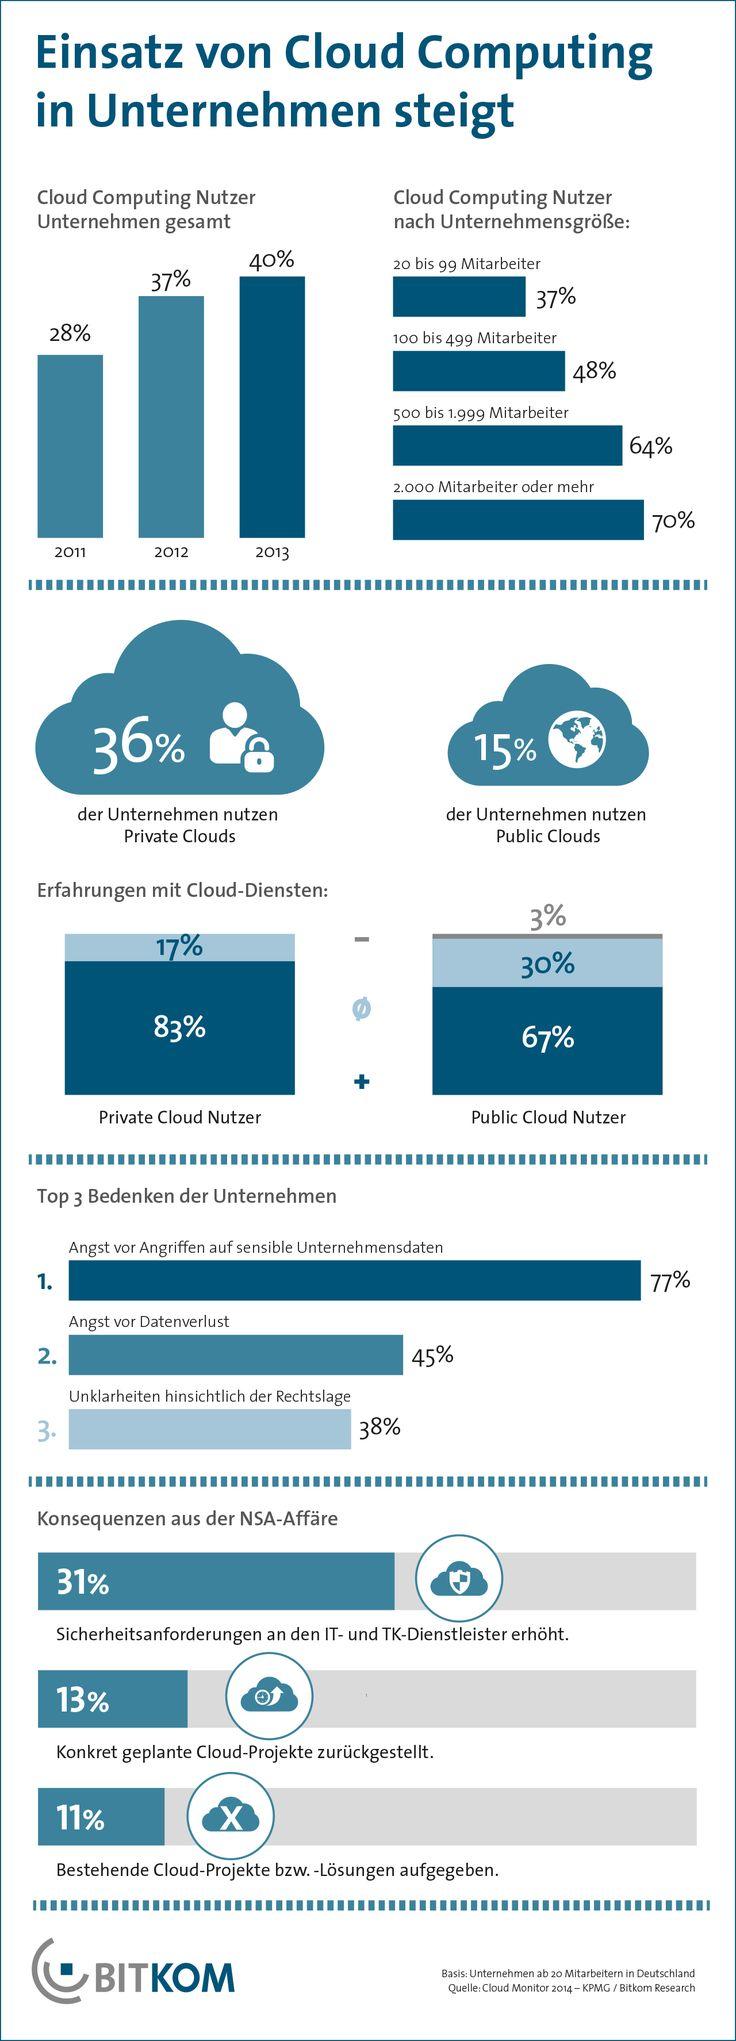 40% der deutschen Unternehmen setzen Cloud-Dienste ein. Infolge der NSA-Affäre gab es einen Wachstumsdämpfer.